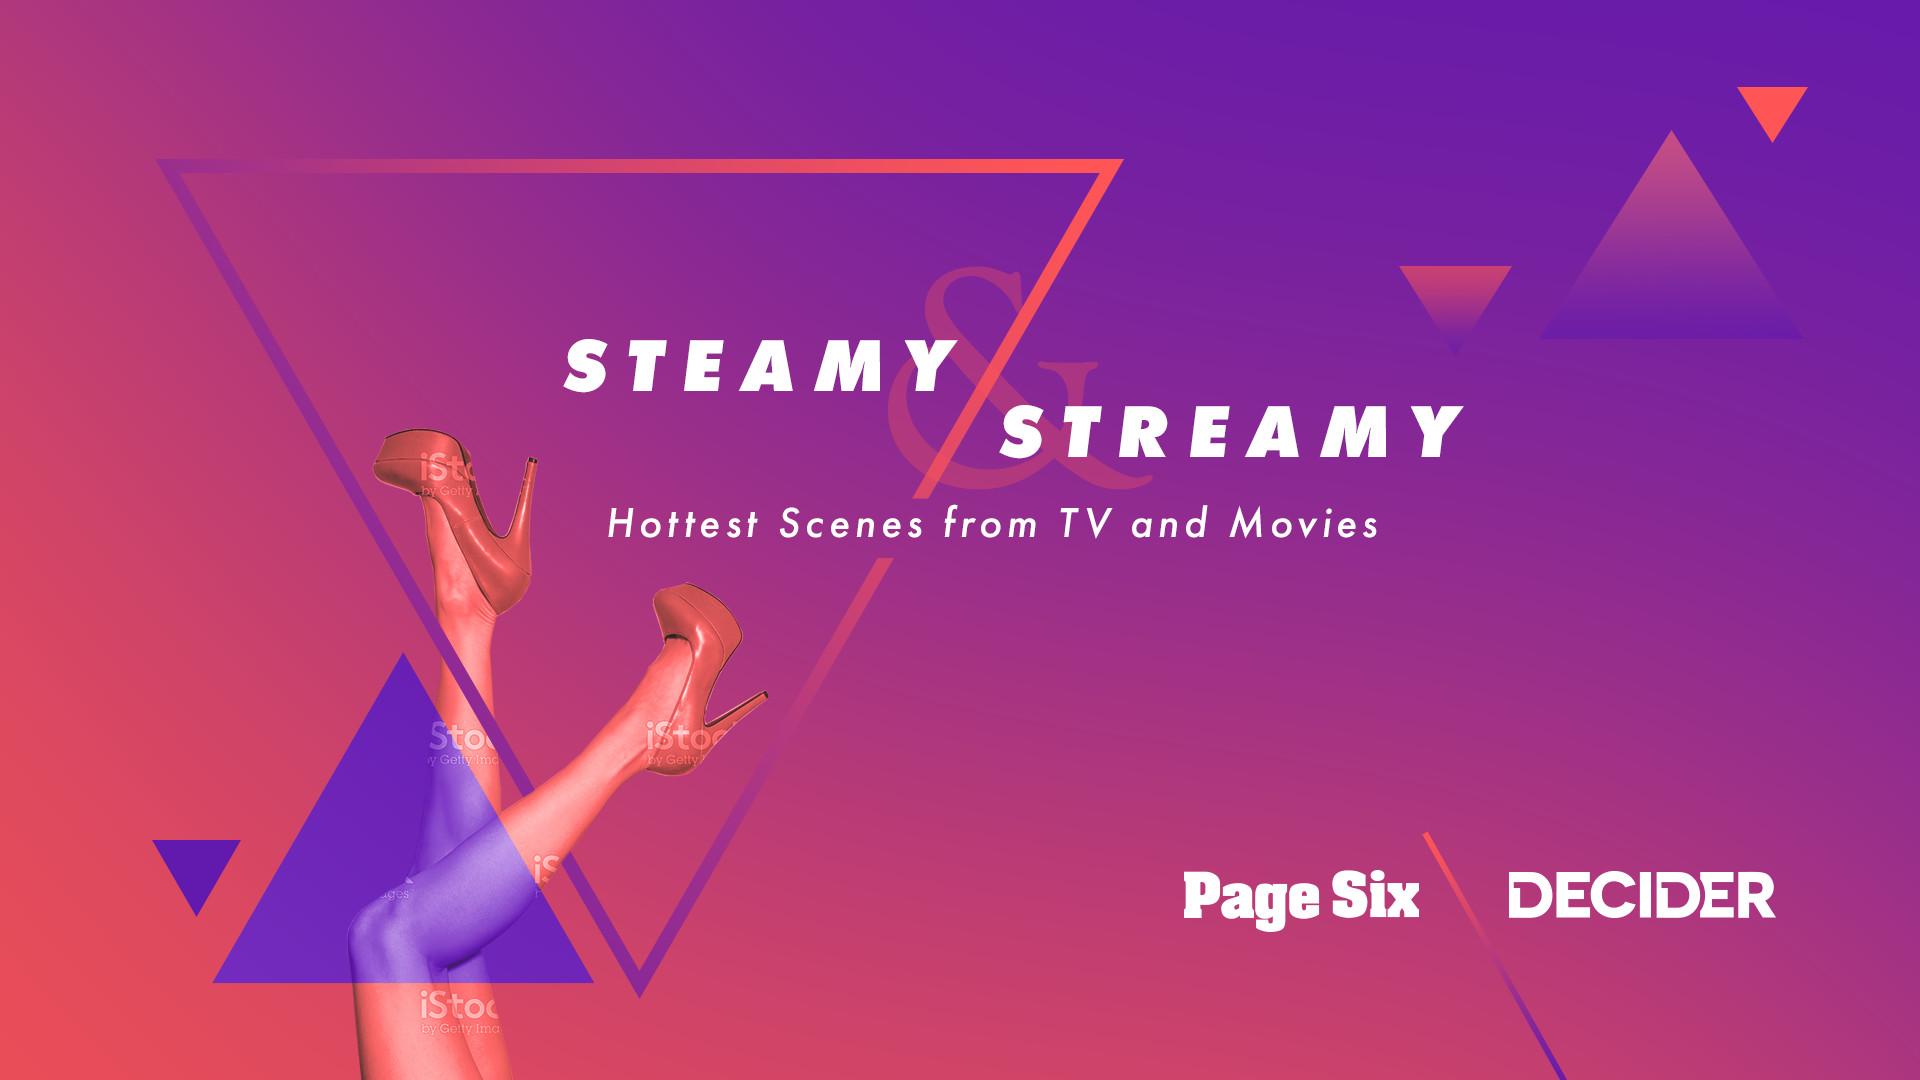 Steamy and Streamy Design_Opt03_V1